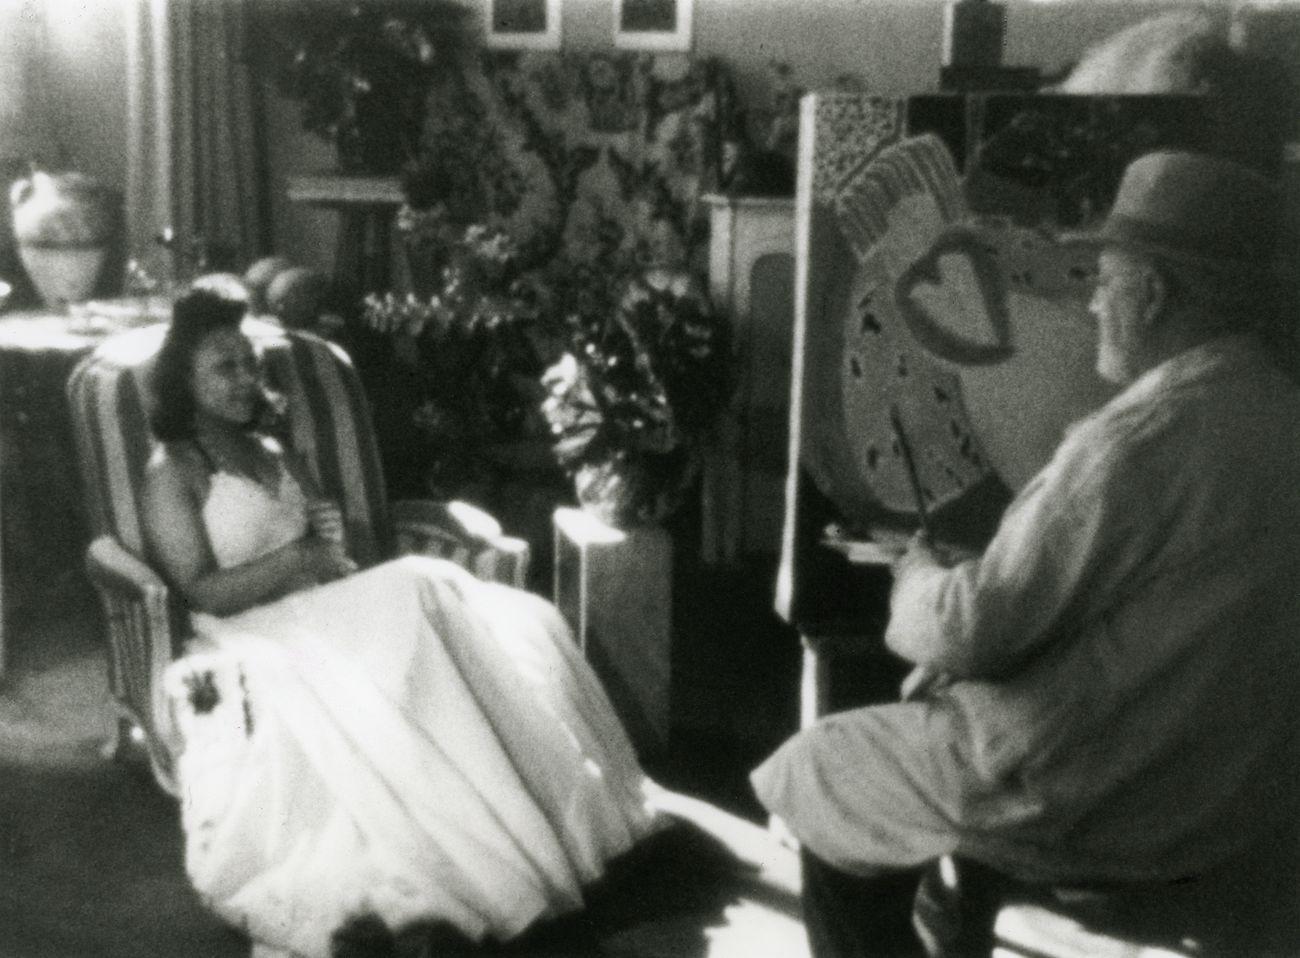 François Campaux, Henri Matisse, 1946, film still. Courtey M. Cavaglione Valio. Photogramma Ville de Nice